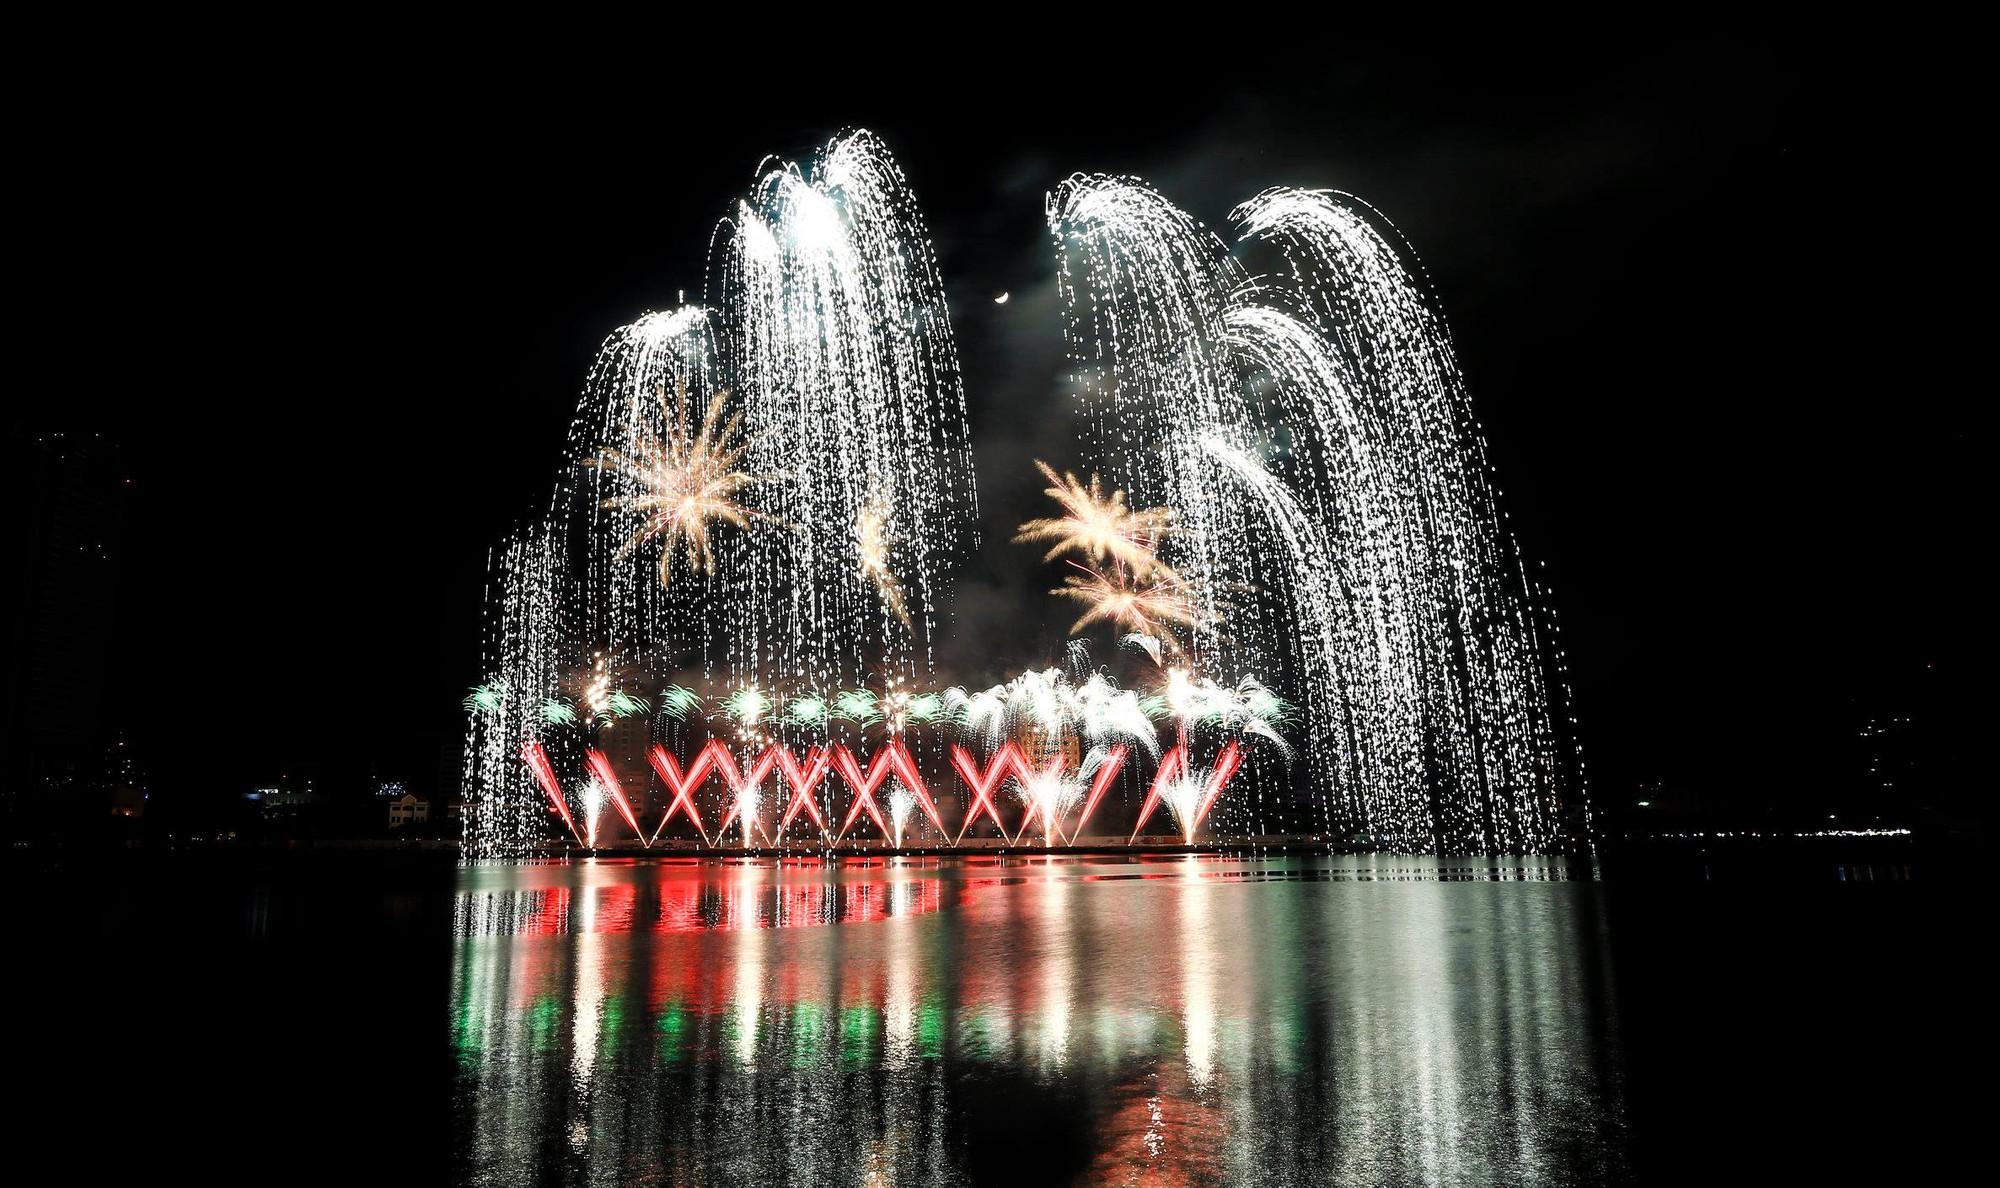 Brasil và Bỉ gửi thông điệp tình yêu bằng ánh sáng pháo hoa trên sông Hàn - Ảnh 10.